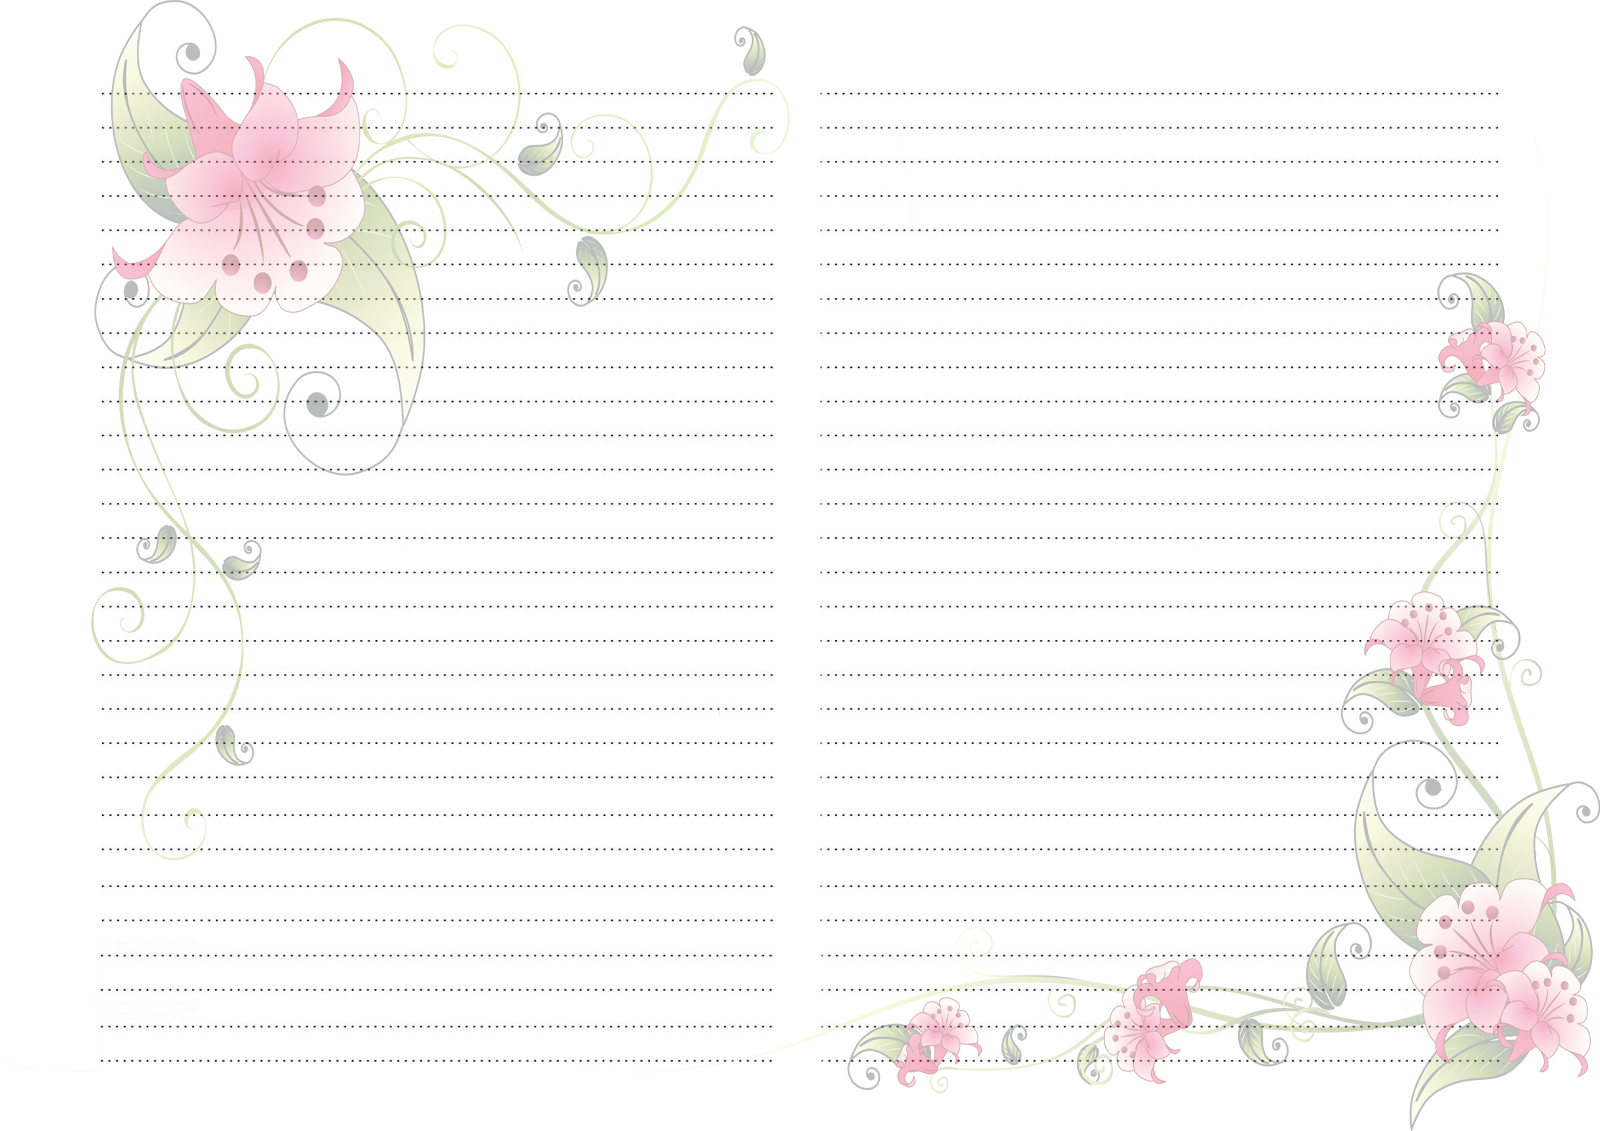 листы с картинками для блокнота скрапбукингом если вас